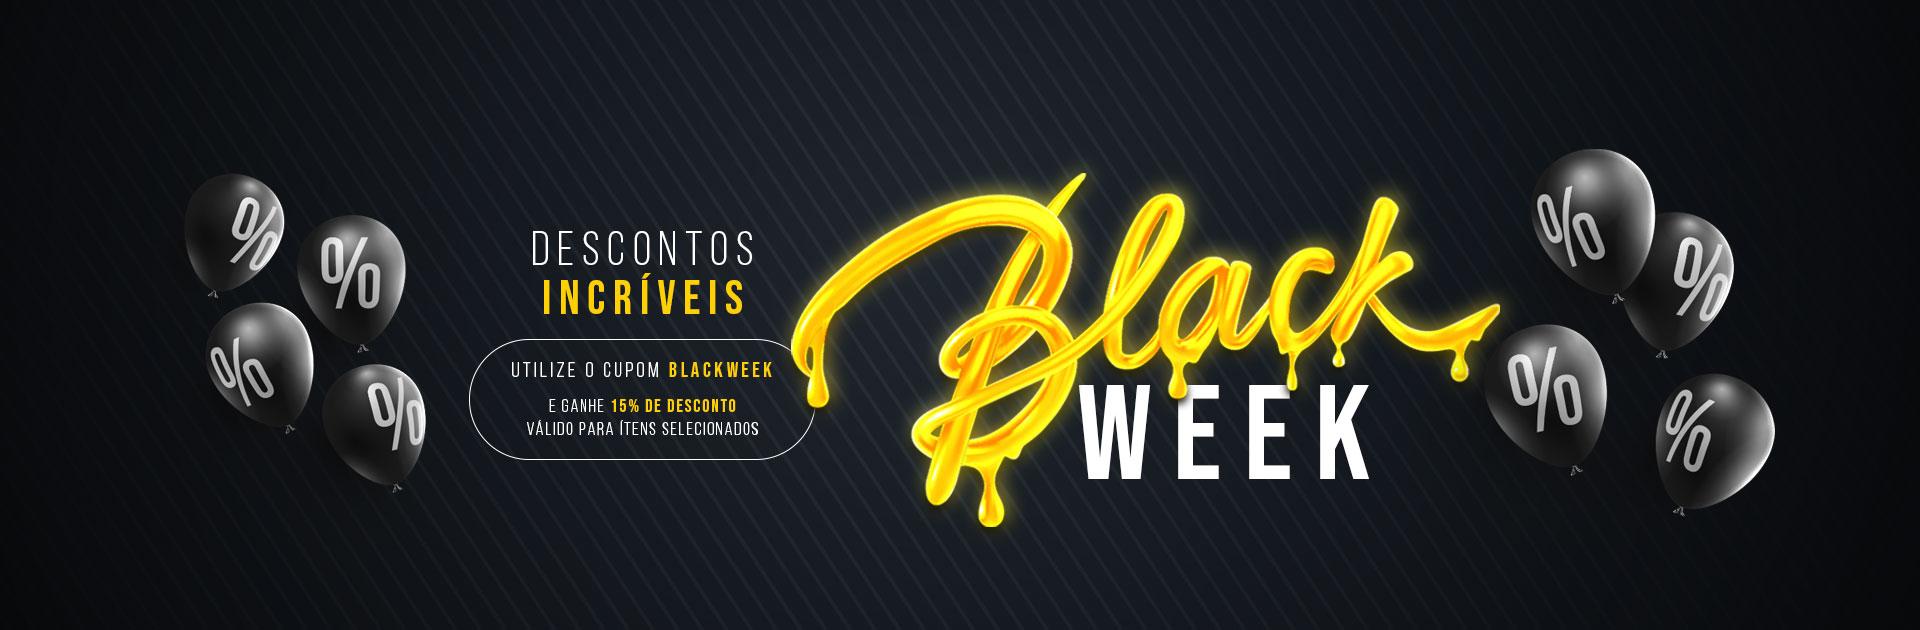 Banner-BLACK-WEEK-2